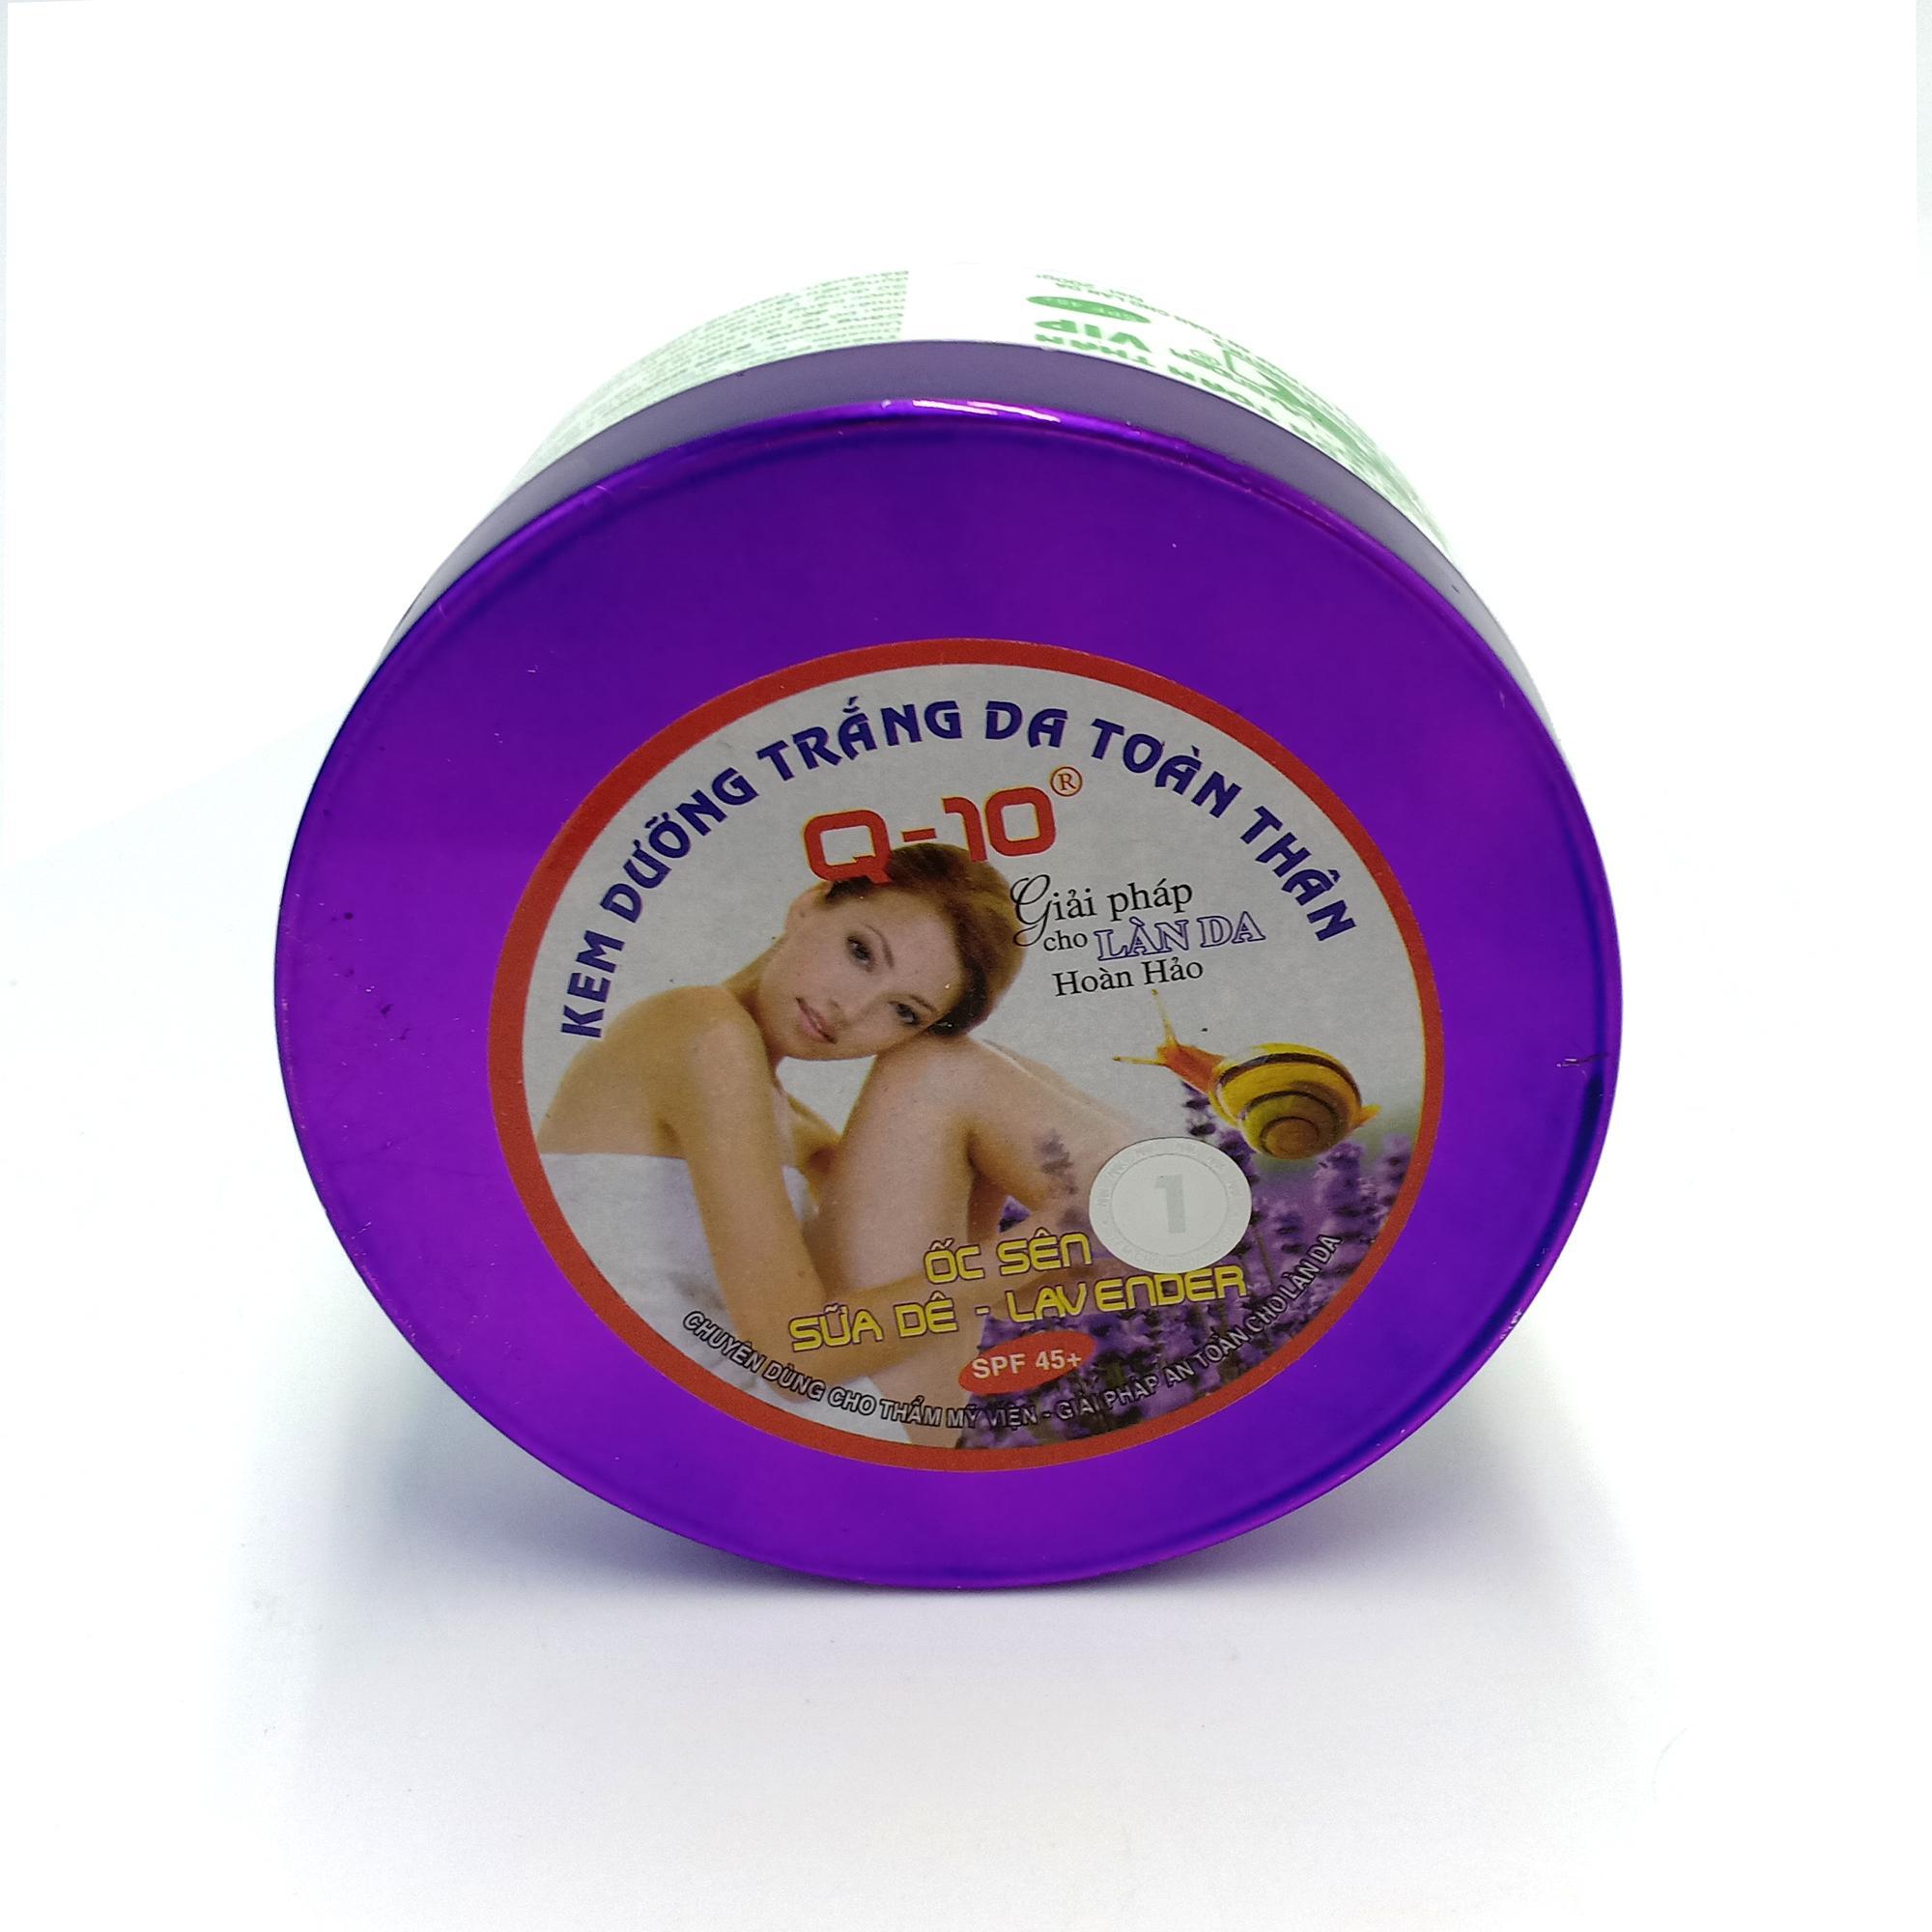 Kem dưỡng trắng da toàn thân Ốc sên - Sữa dê - Lavender Q10 200g (Tím - Trắng)